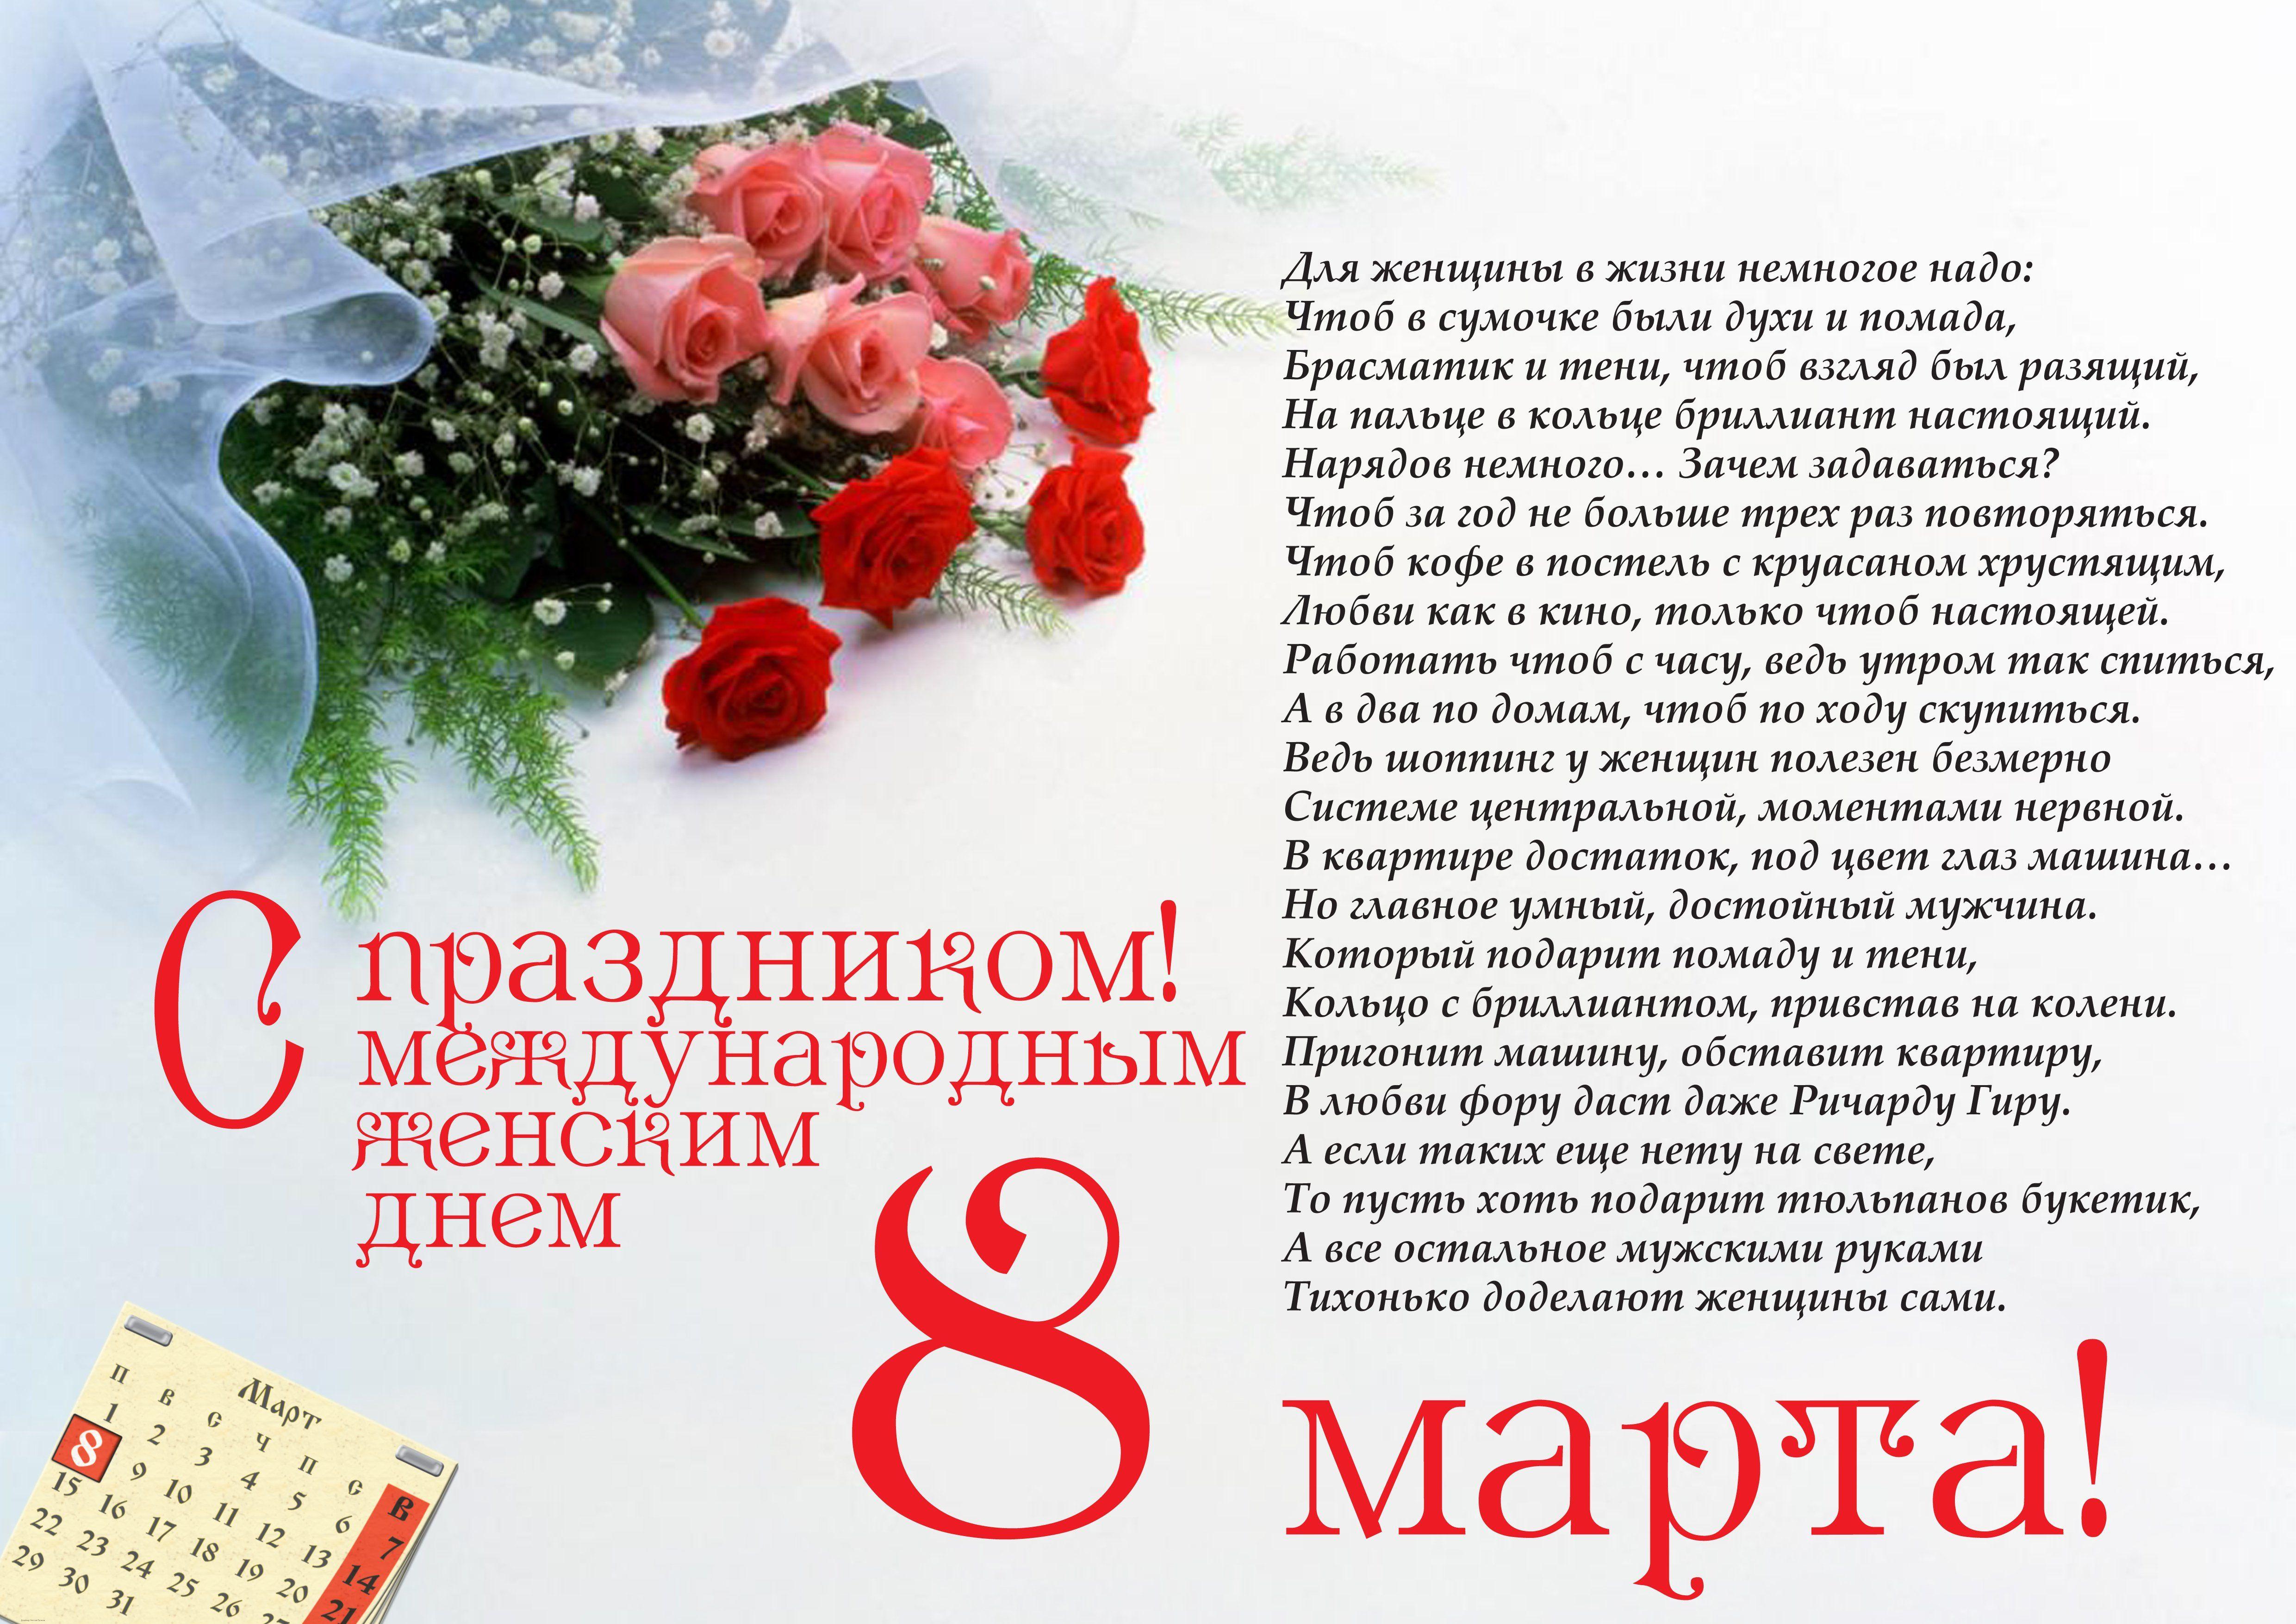 Otkrytki S 8 Marta Hd Gallery Otkrytki Pozdravitelnye